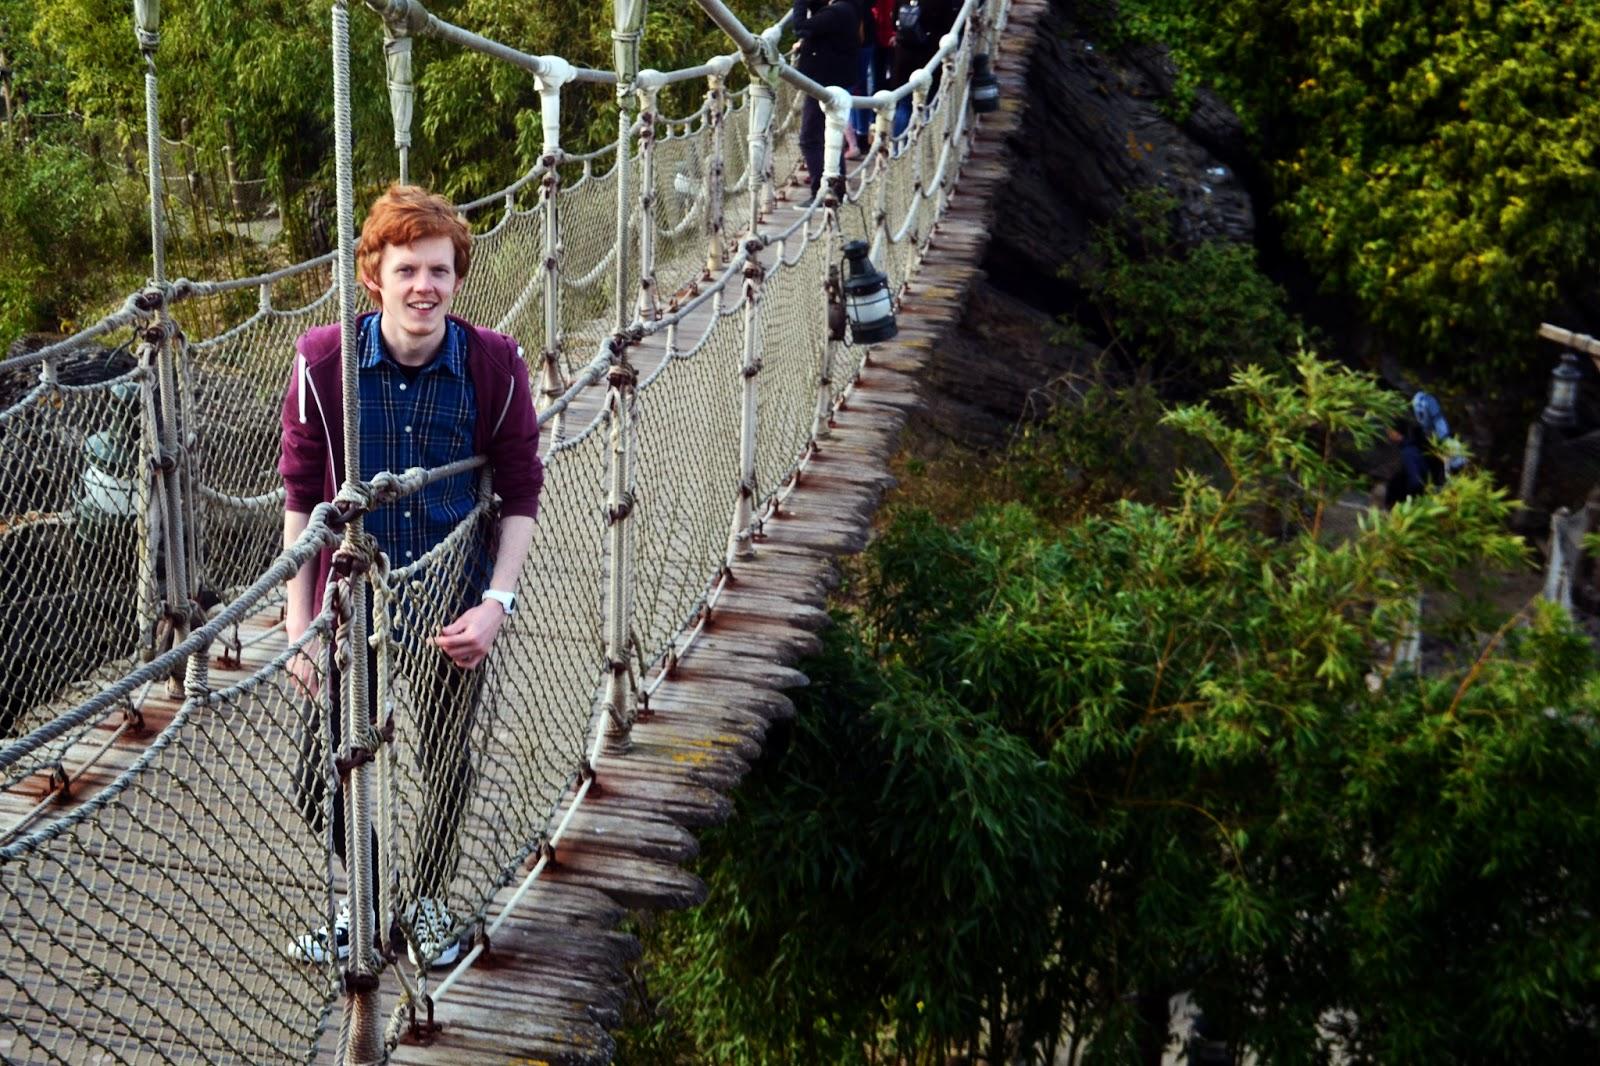 Sean standing on the rope bridge we had just crossed